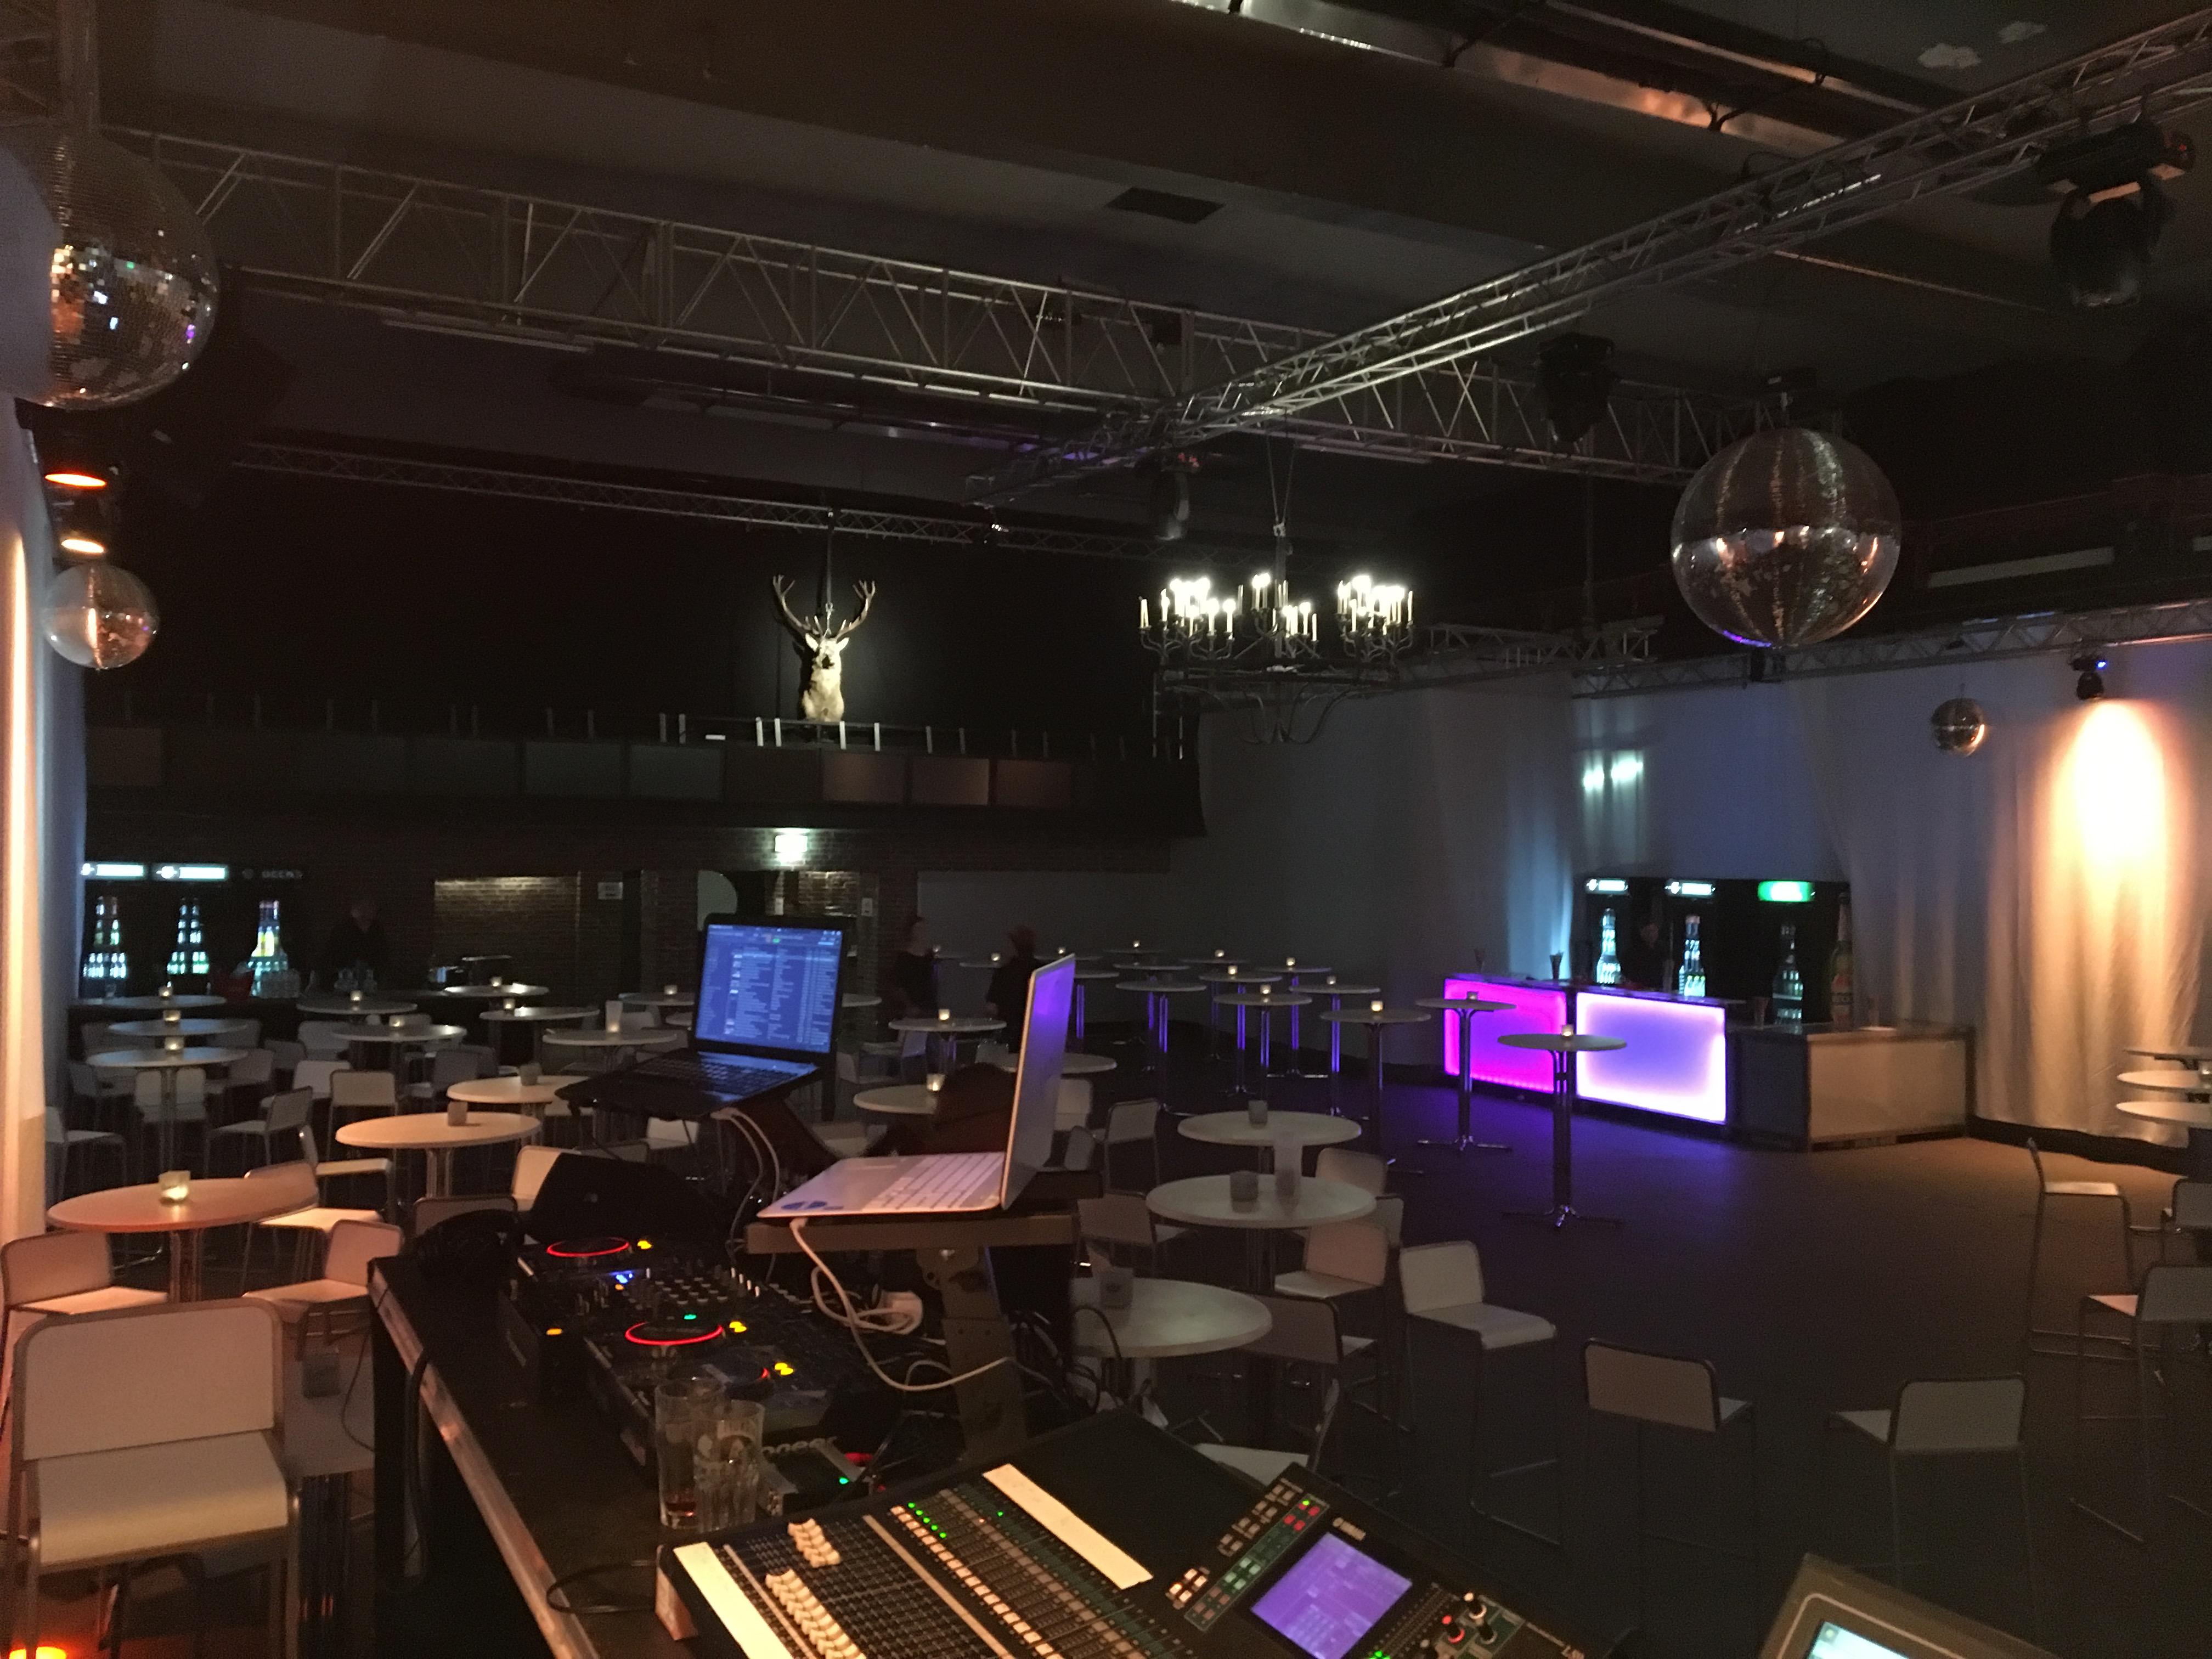 DJ PATRIC Hochzeit, Firmenevent, Betriebsfeier, Corporate Event, Public Event, Eröffnung, Premiere, Filmpremiere, DJ+, DJ Plus, Gala, öffentliche und private Veranstaltungen